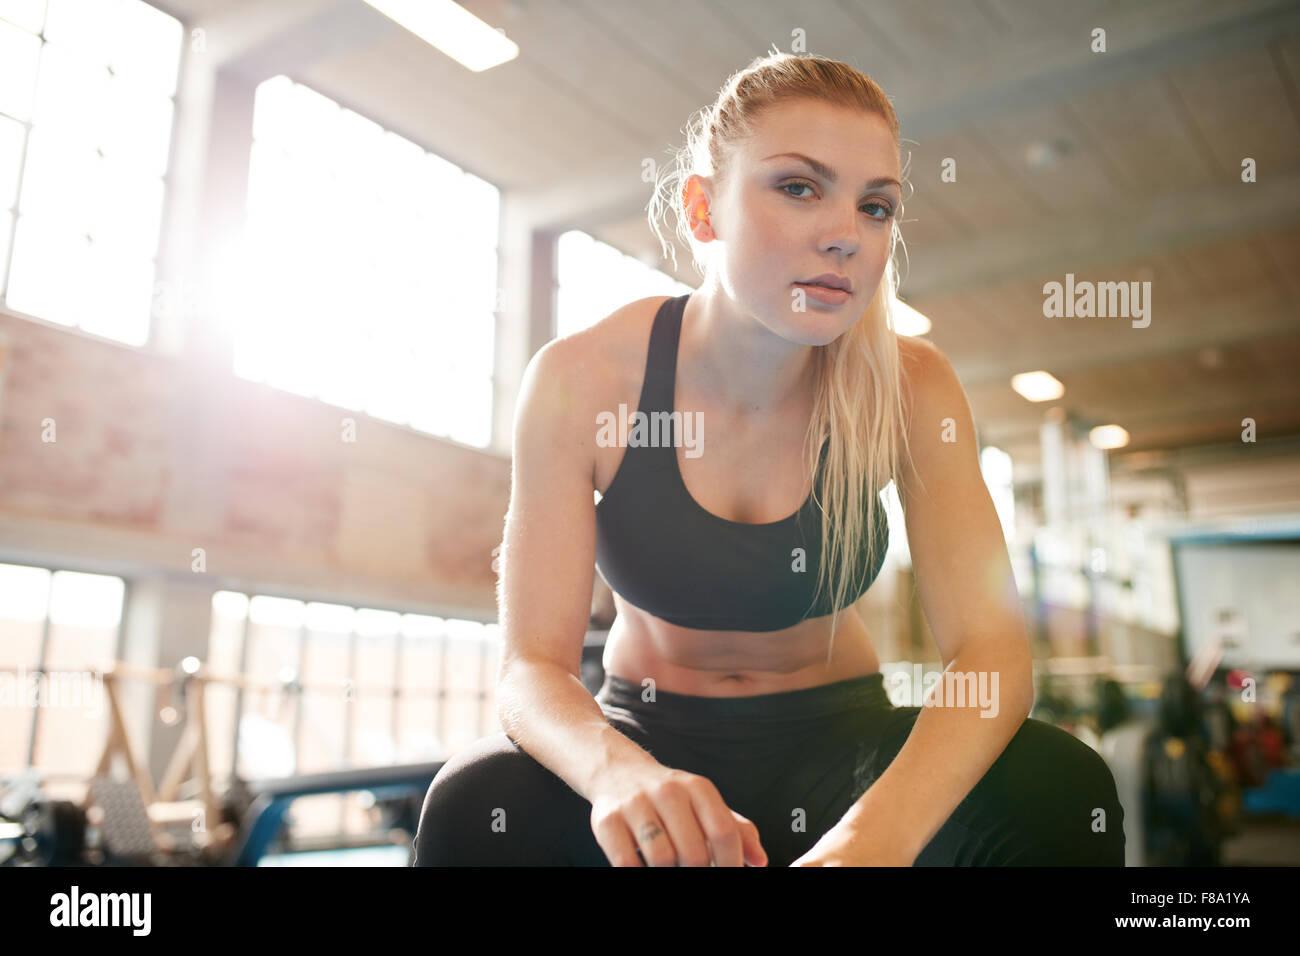 Porträt der attraktive junge Frau sitzt entspannt nach ihrem Training im Fitness-Studio. Fitness Frauen Einnahme Stockbild